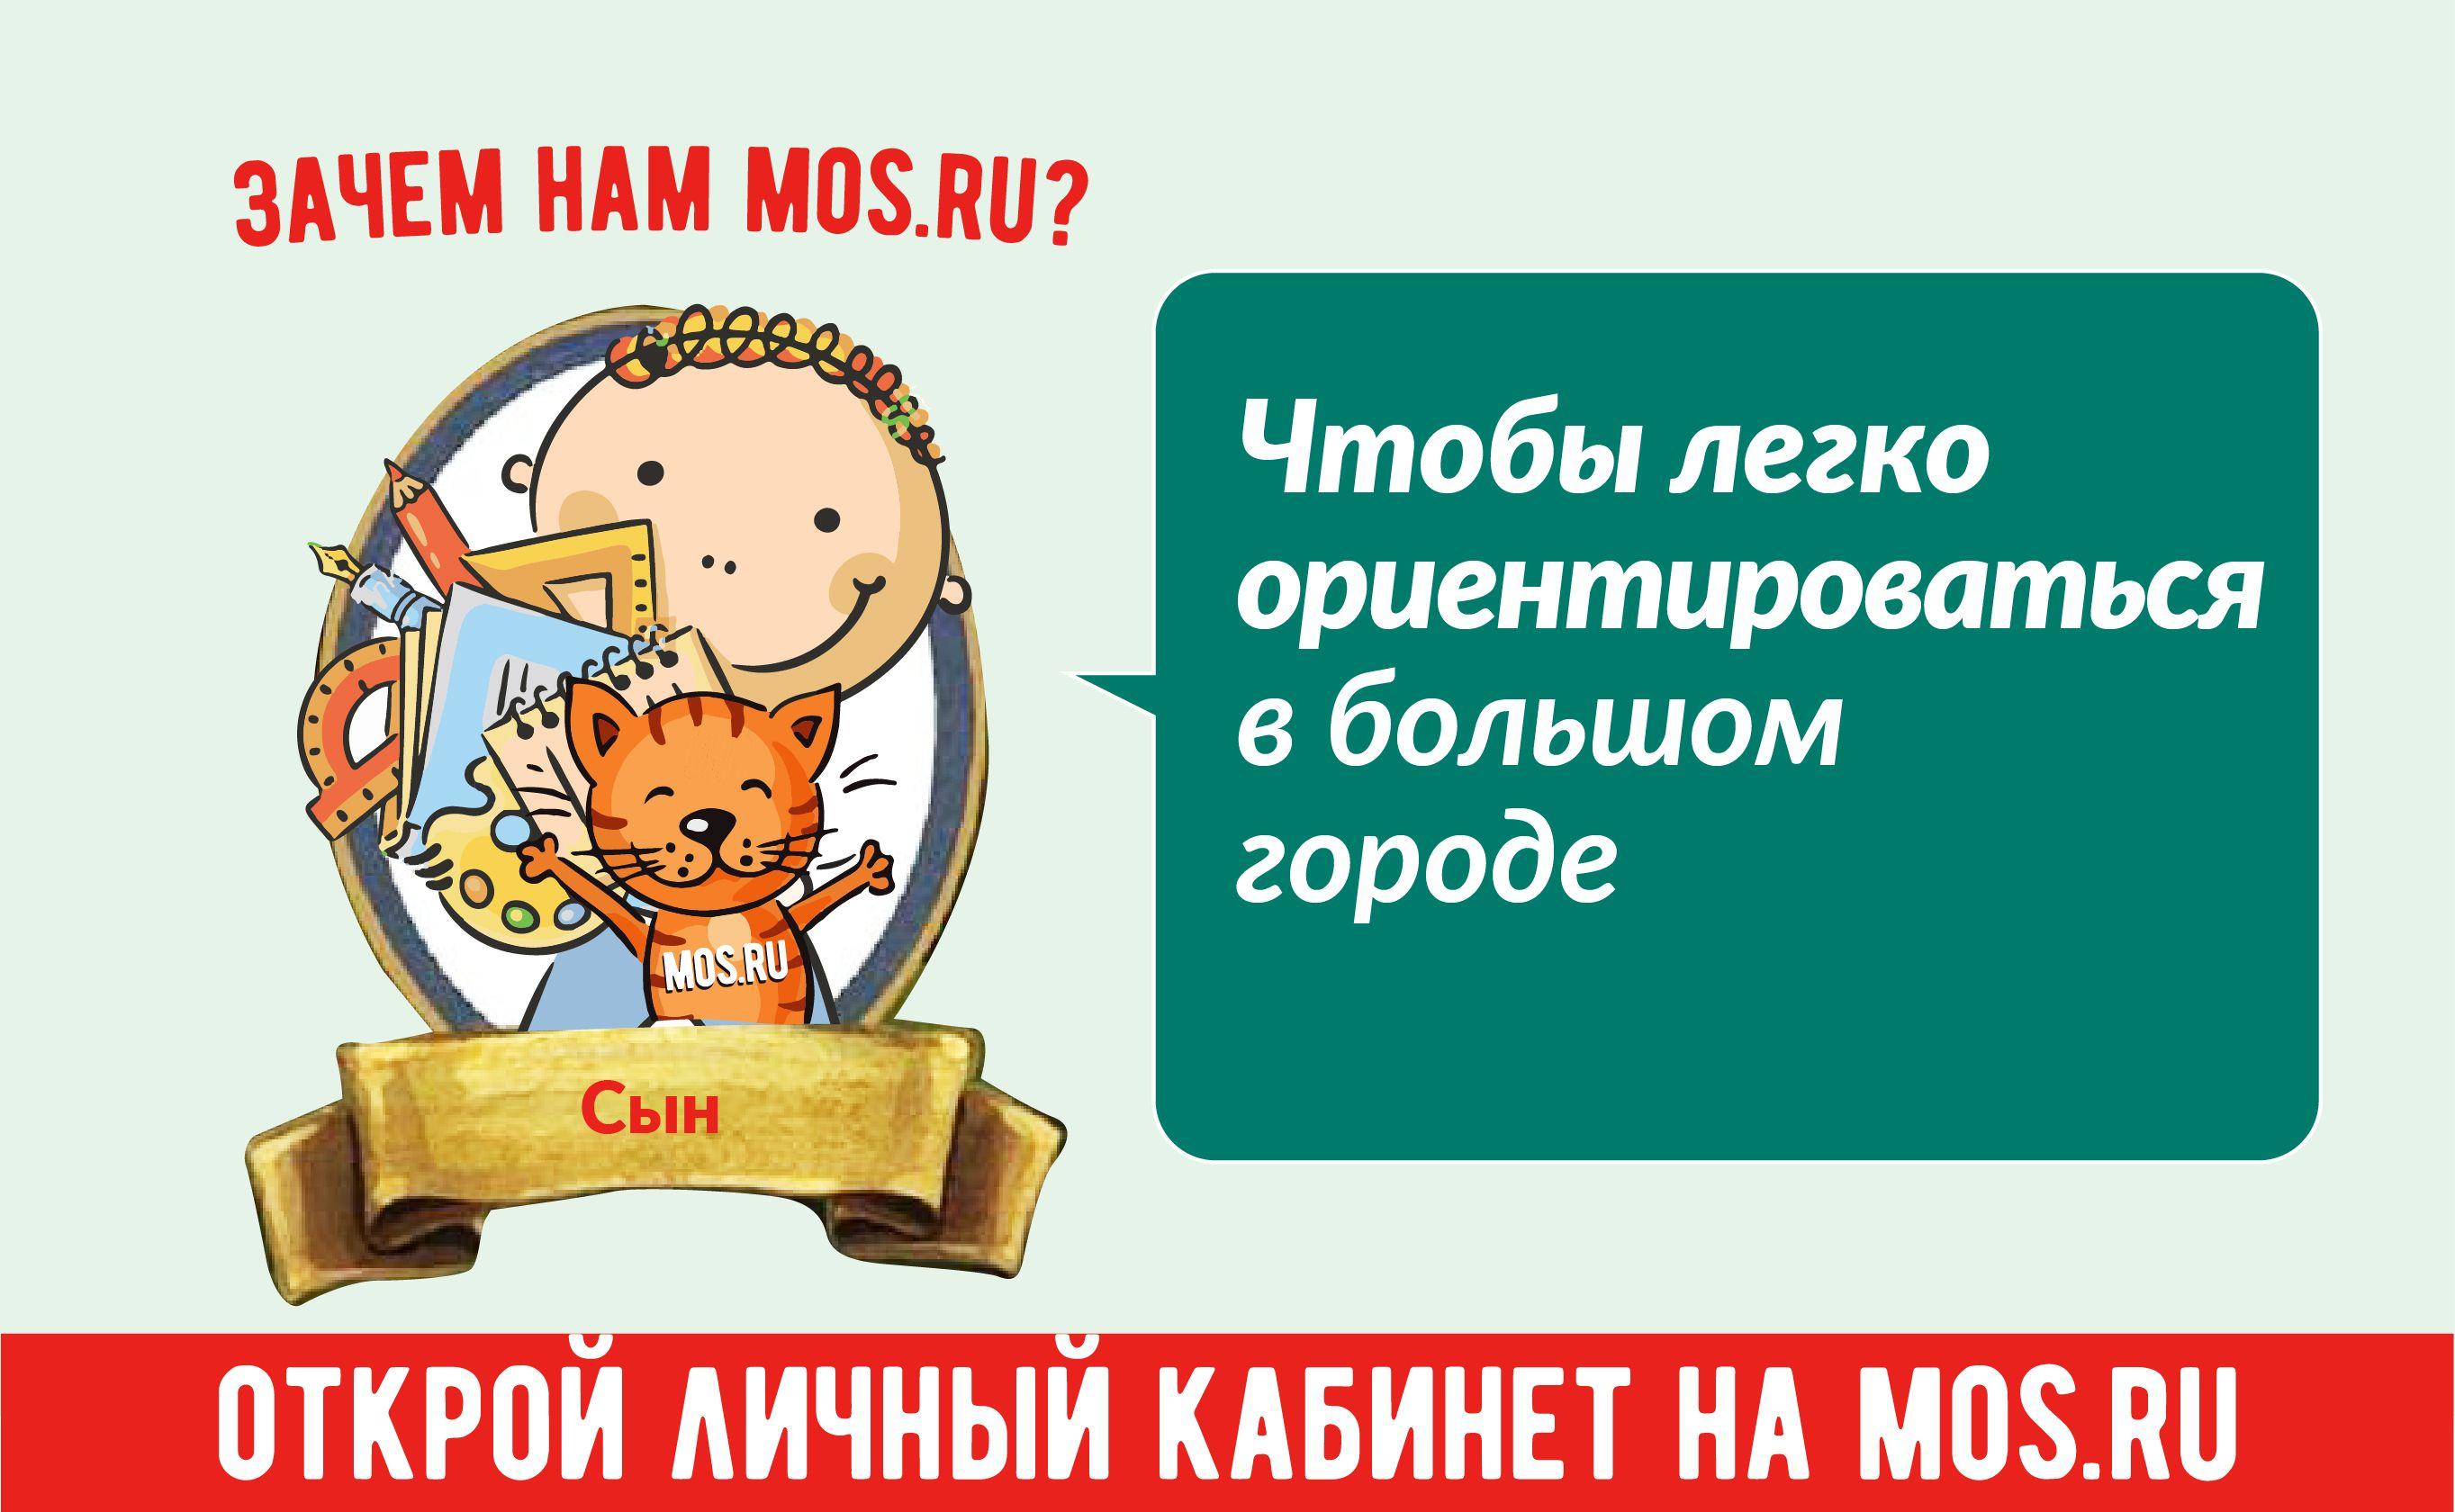 Москвичам рассказали о легком способе вернуть потерянные в транспорте вещи